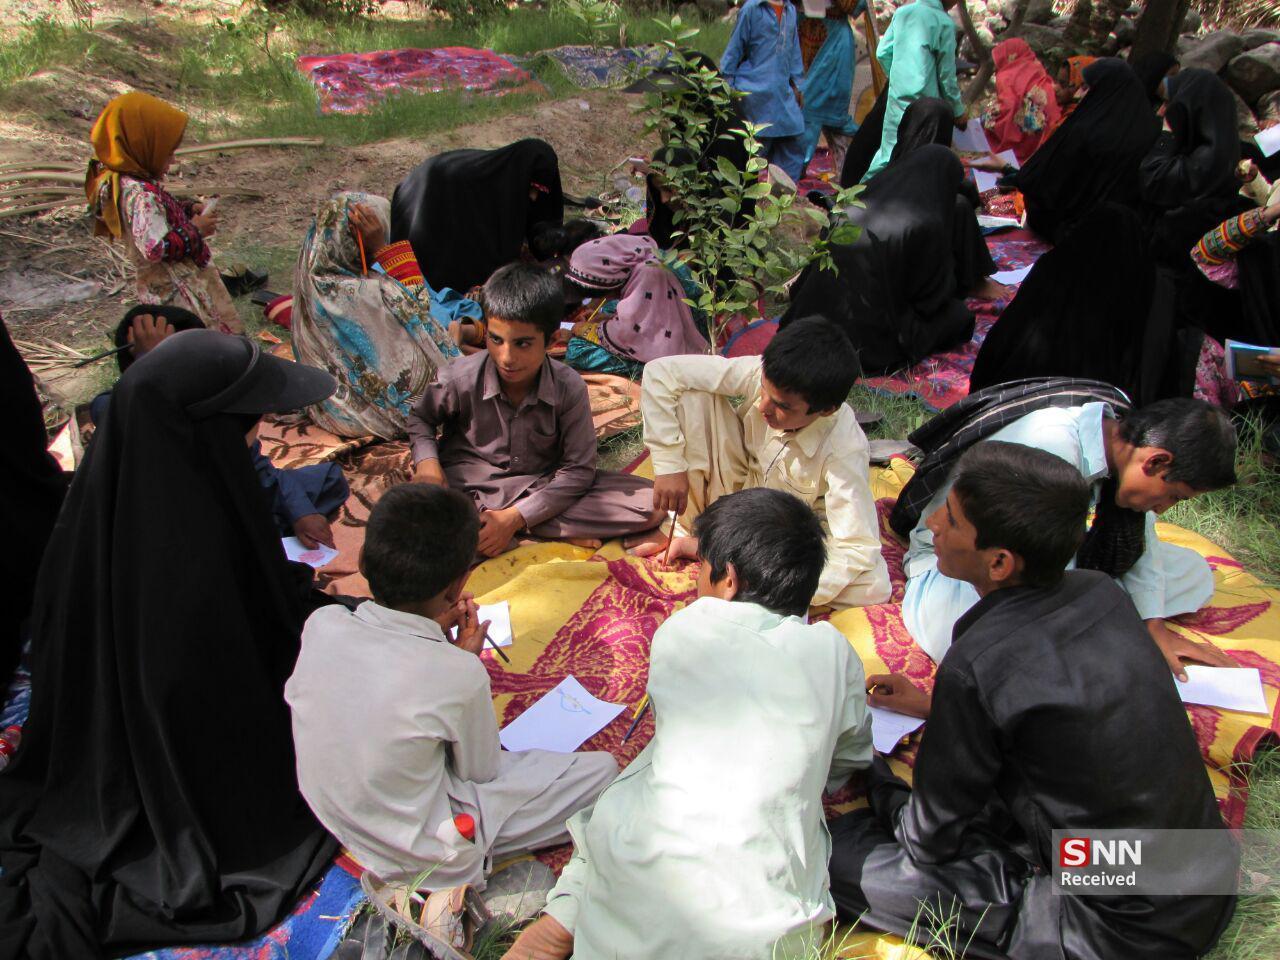 /بماند/آرزوی کودکان ایرانشهری که به همت دانشجویان جهادگر برآورده شد/  قولی که دانشجویان به کودکان تا پایان سال ۱۴۱۲ دادند